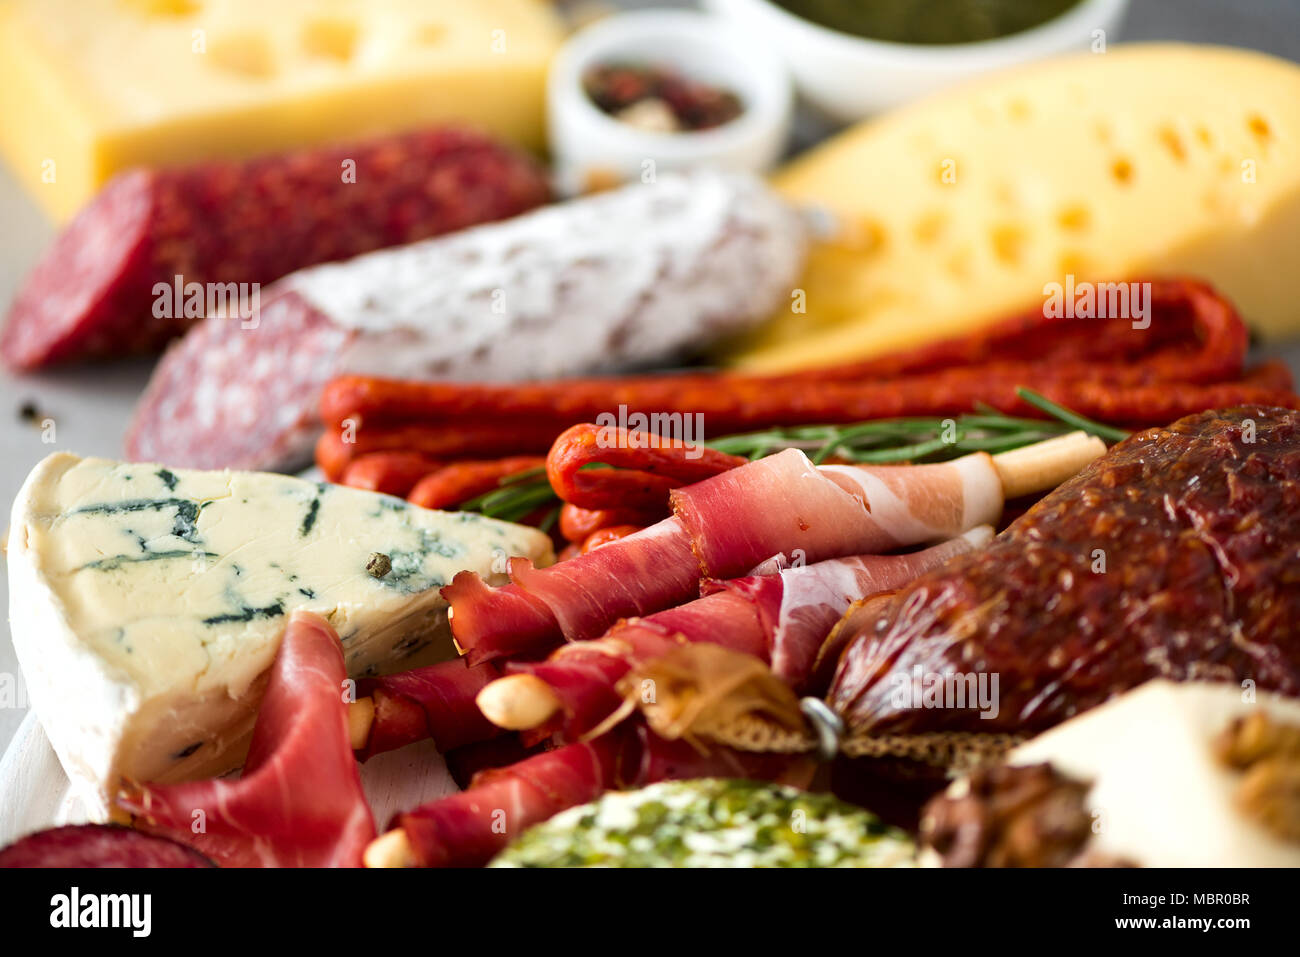 Viande fumée froide plaque. Antipasti italiens traditionnels, planche à découper, salami, prosciutto, jambon, olives, côtelettes de porc sur fond gris. Vue de dessus, copiez l'espace, mise à plat Photo Stock